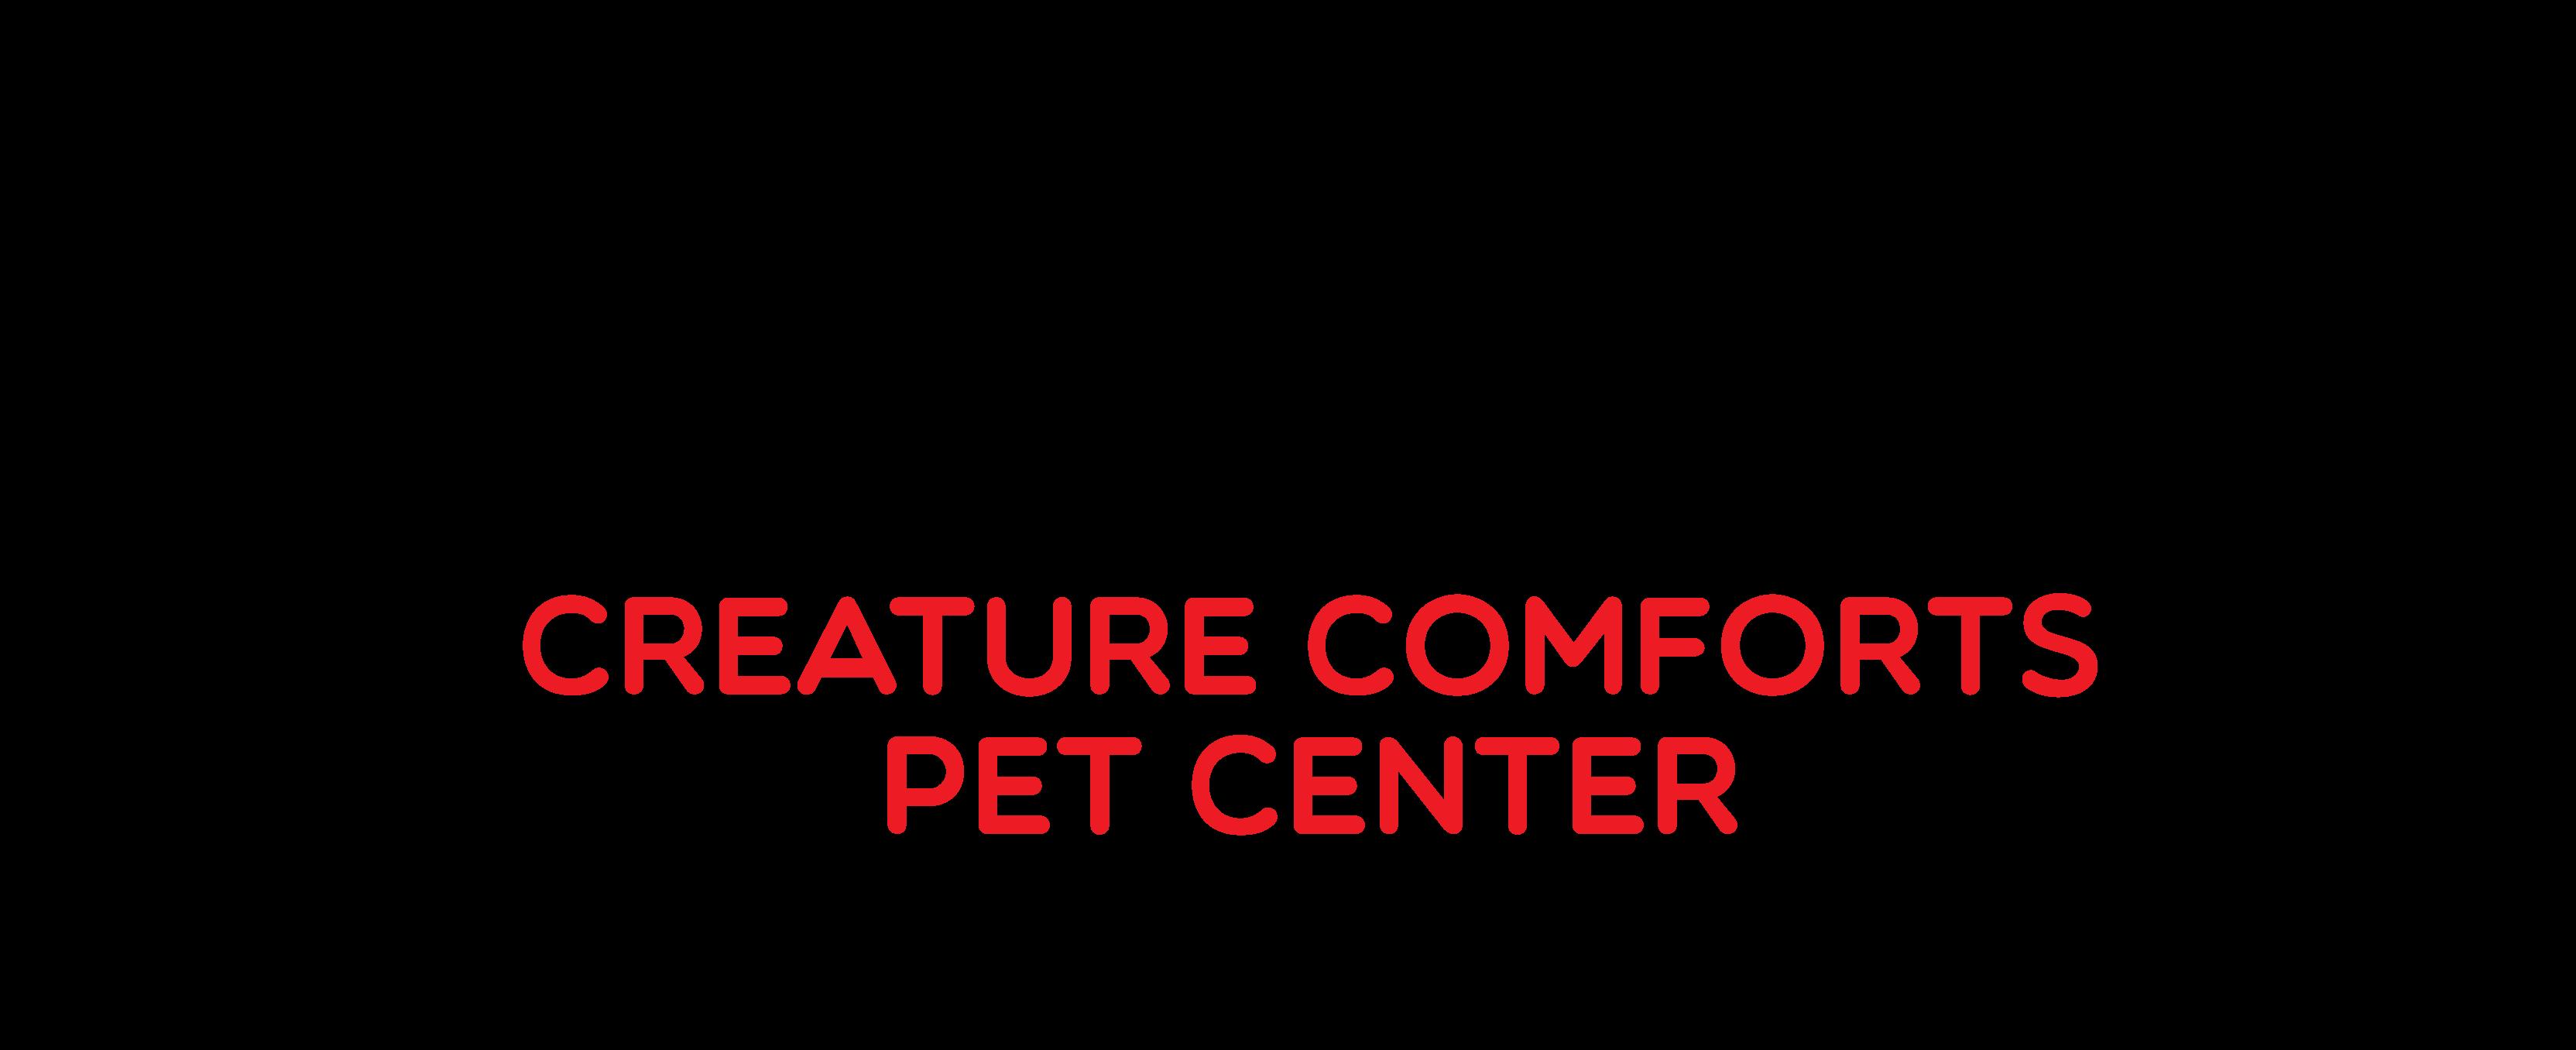 Creature Comforts Pet Center